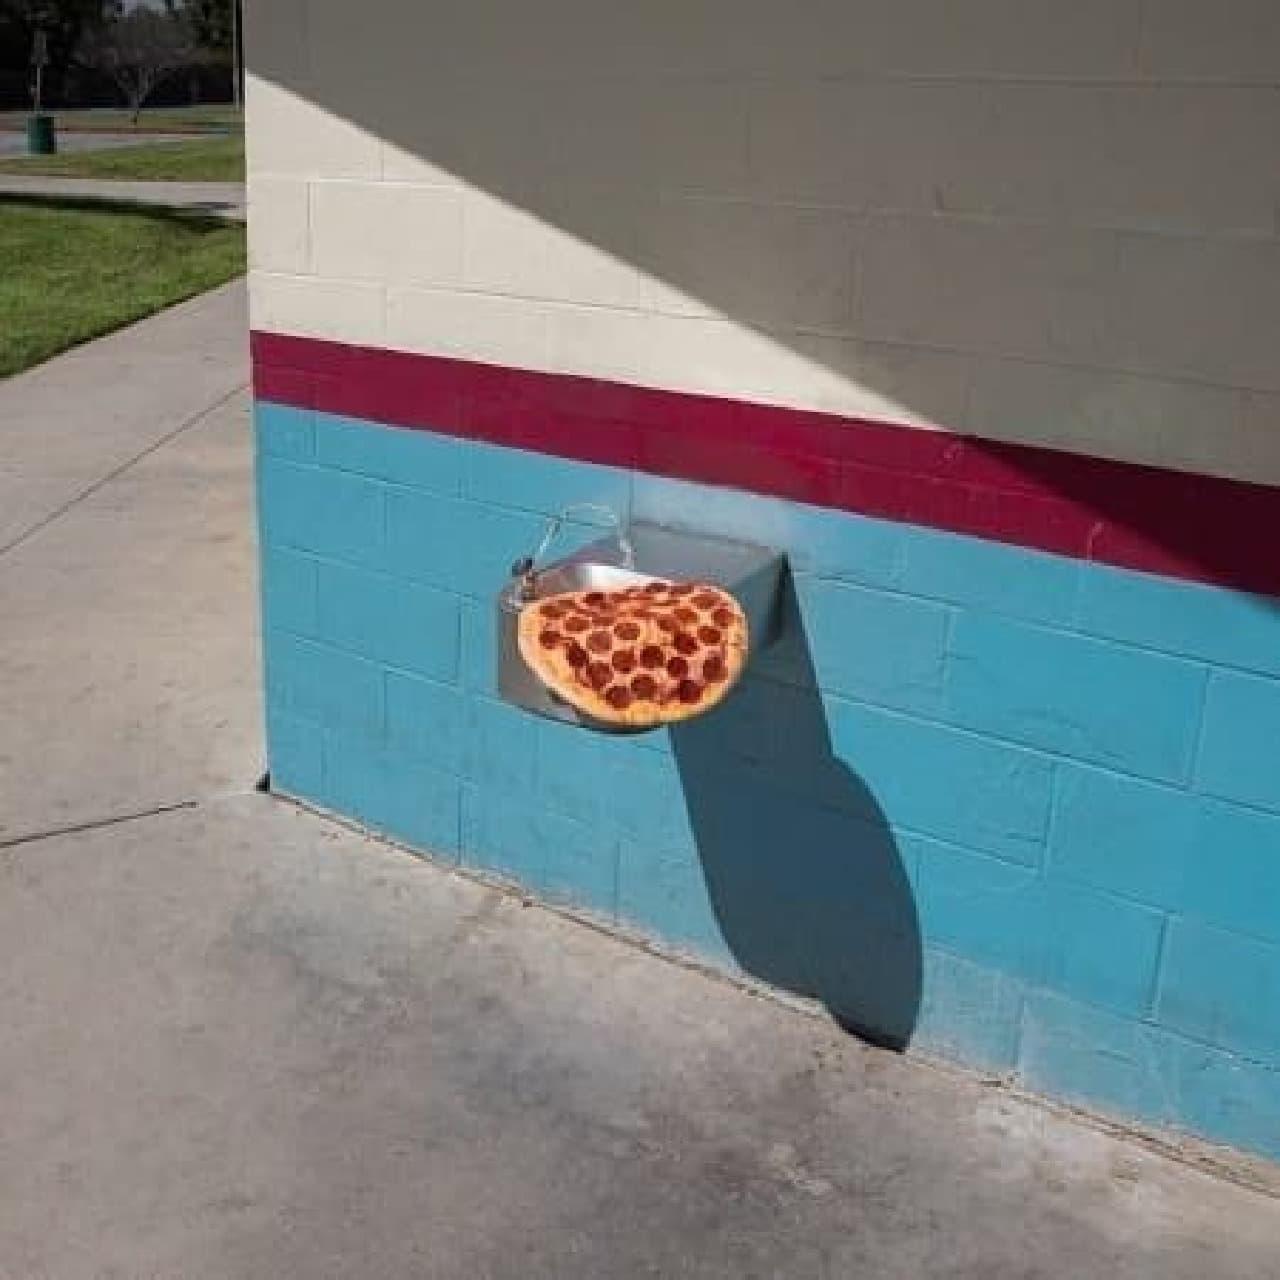 ピザですね